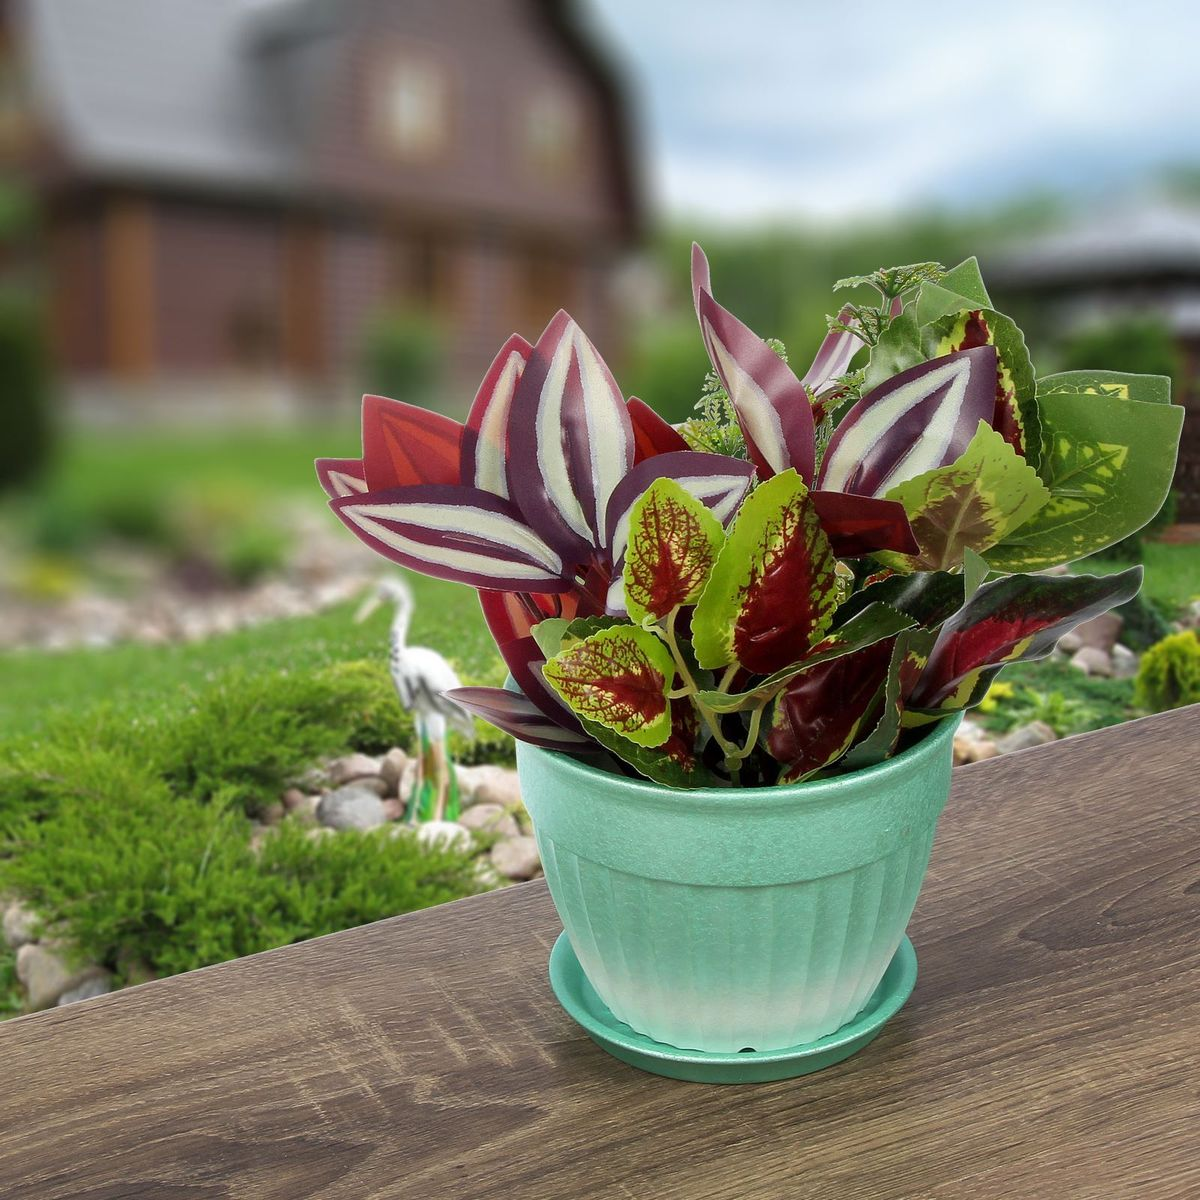 Кашпо Керамика ручной работы Ромашка, цвет: зеленый, 0,5 л1312976Комнатные растения — всеобщие любимцы. Они радуют глаз, насыщают помещение кислородом и украшают пространство. Каждому из них необходим свой удобный и красивый дом. Кашпо из керамики прекрасно подходят для высадки растений: за счет пластичности глины и разных способов обработки существует великое множество форм и дизайнов пористый материал позволяет испаряться лишней влаге воздух, необходимый для дыхания корней, проникает сквозь керамические стенки! позаботится о зеленом питомце, освежит интерьер и подчеркнет его стиль.